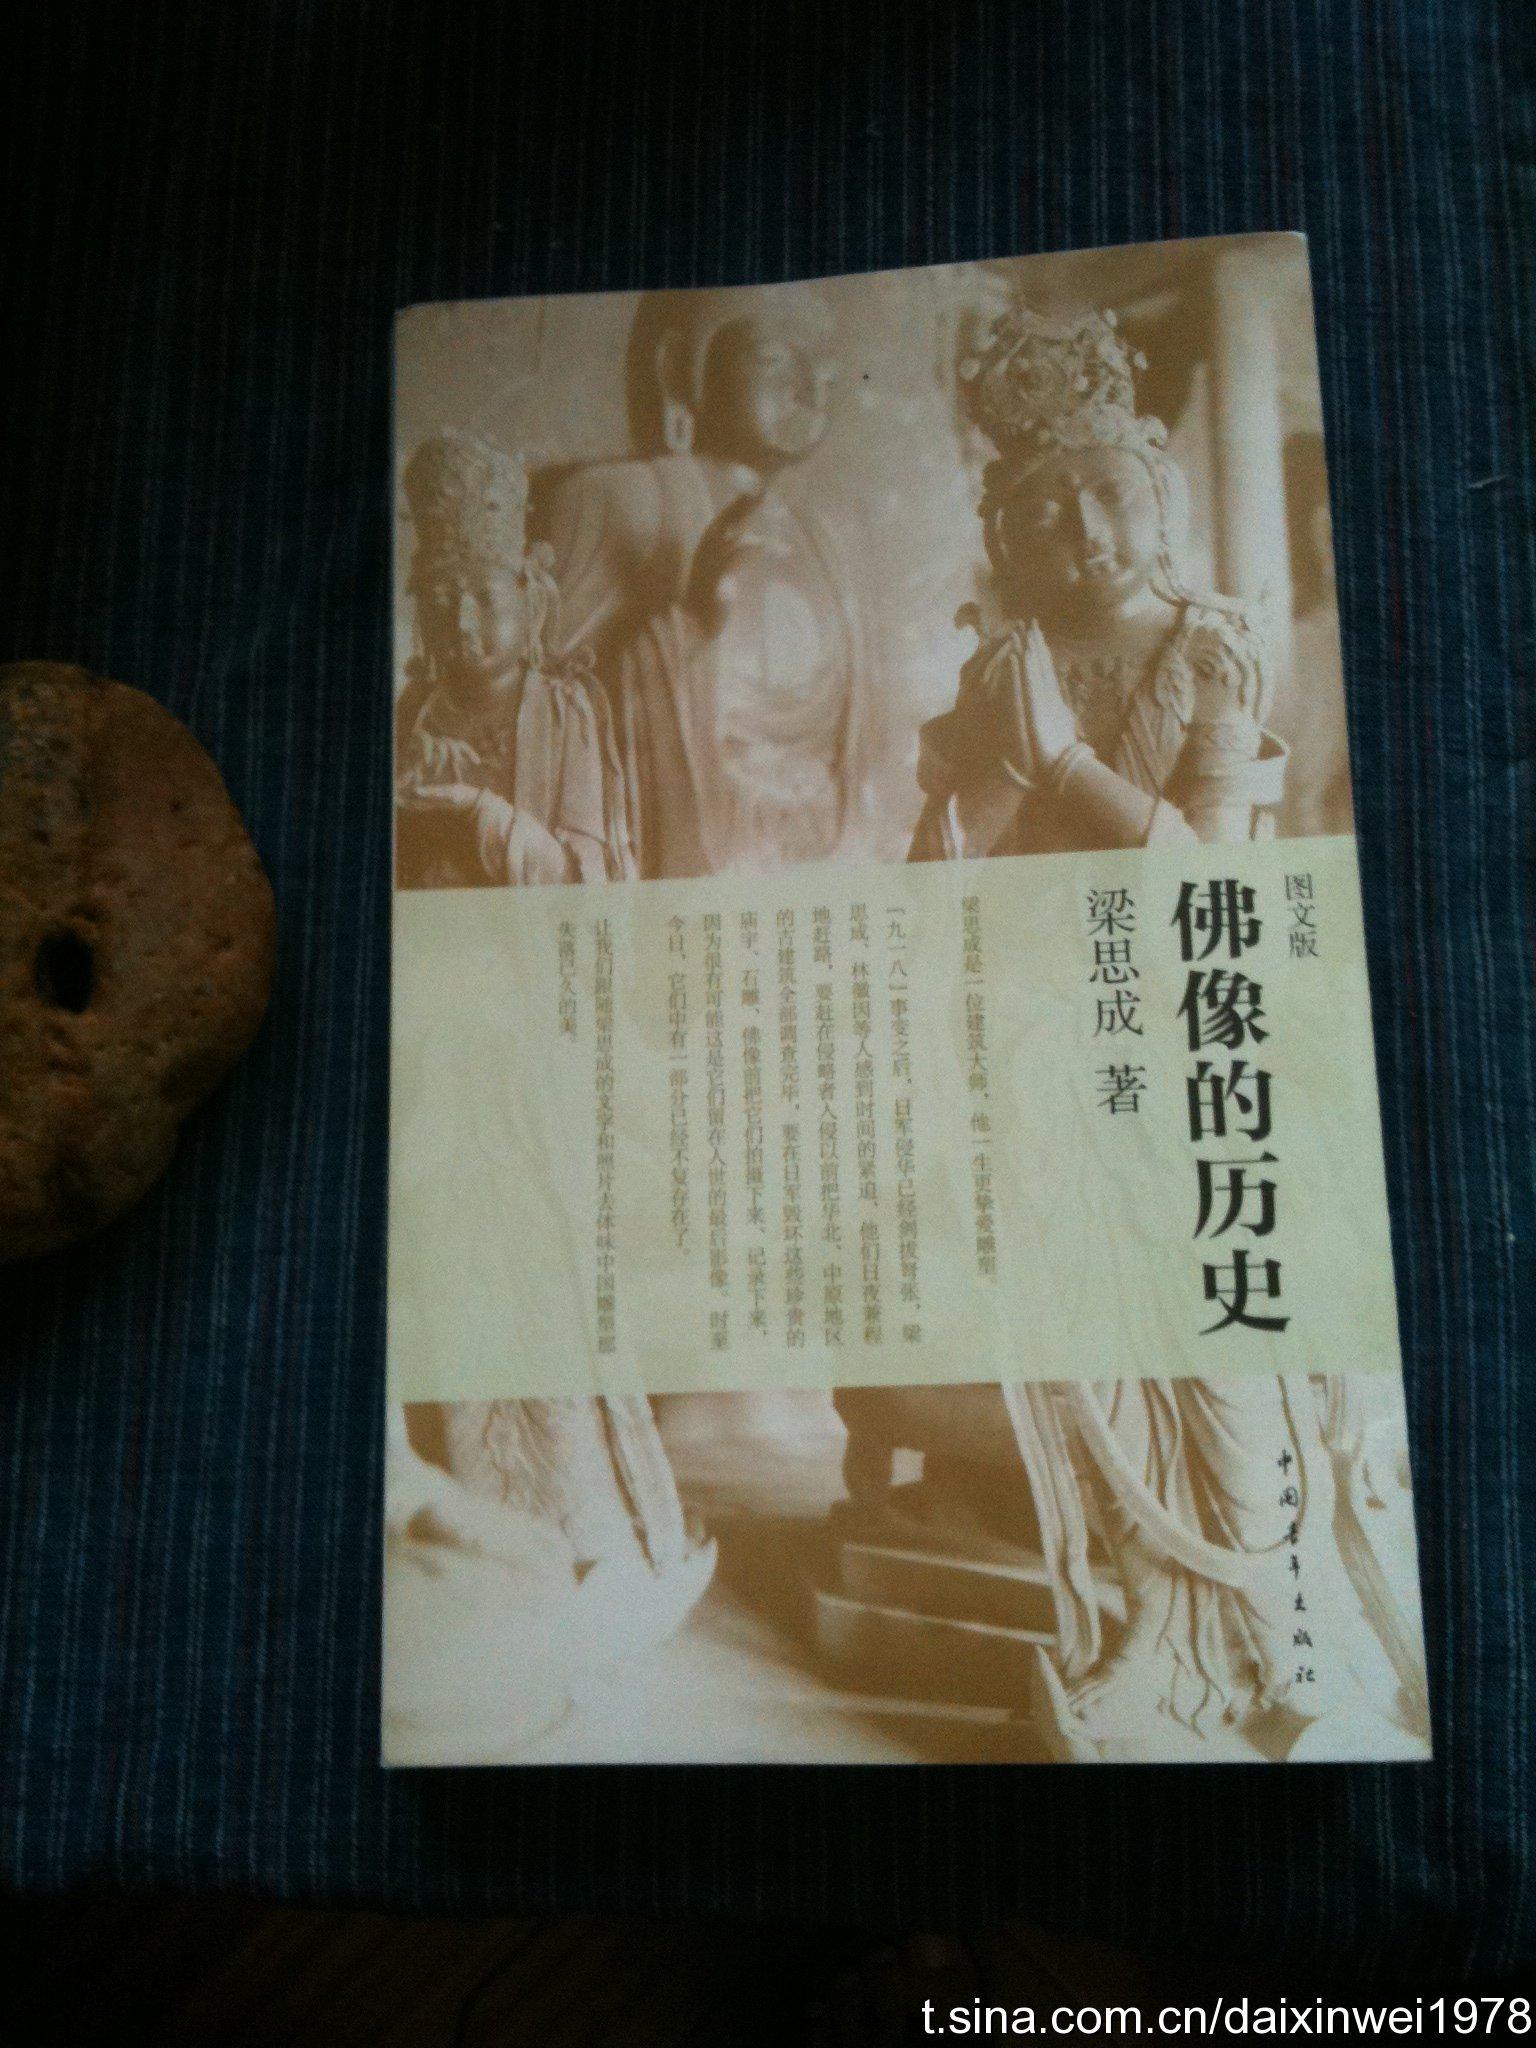 最近在读的两本书 - 易大经 - 湾讯